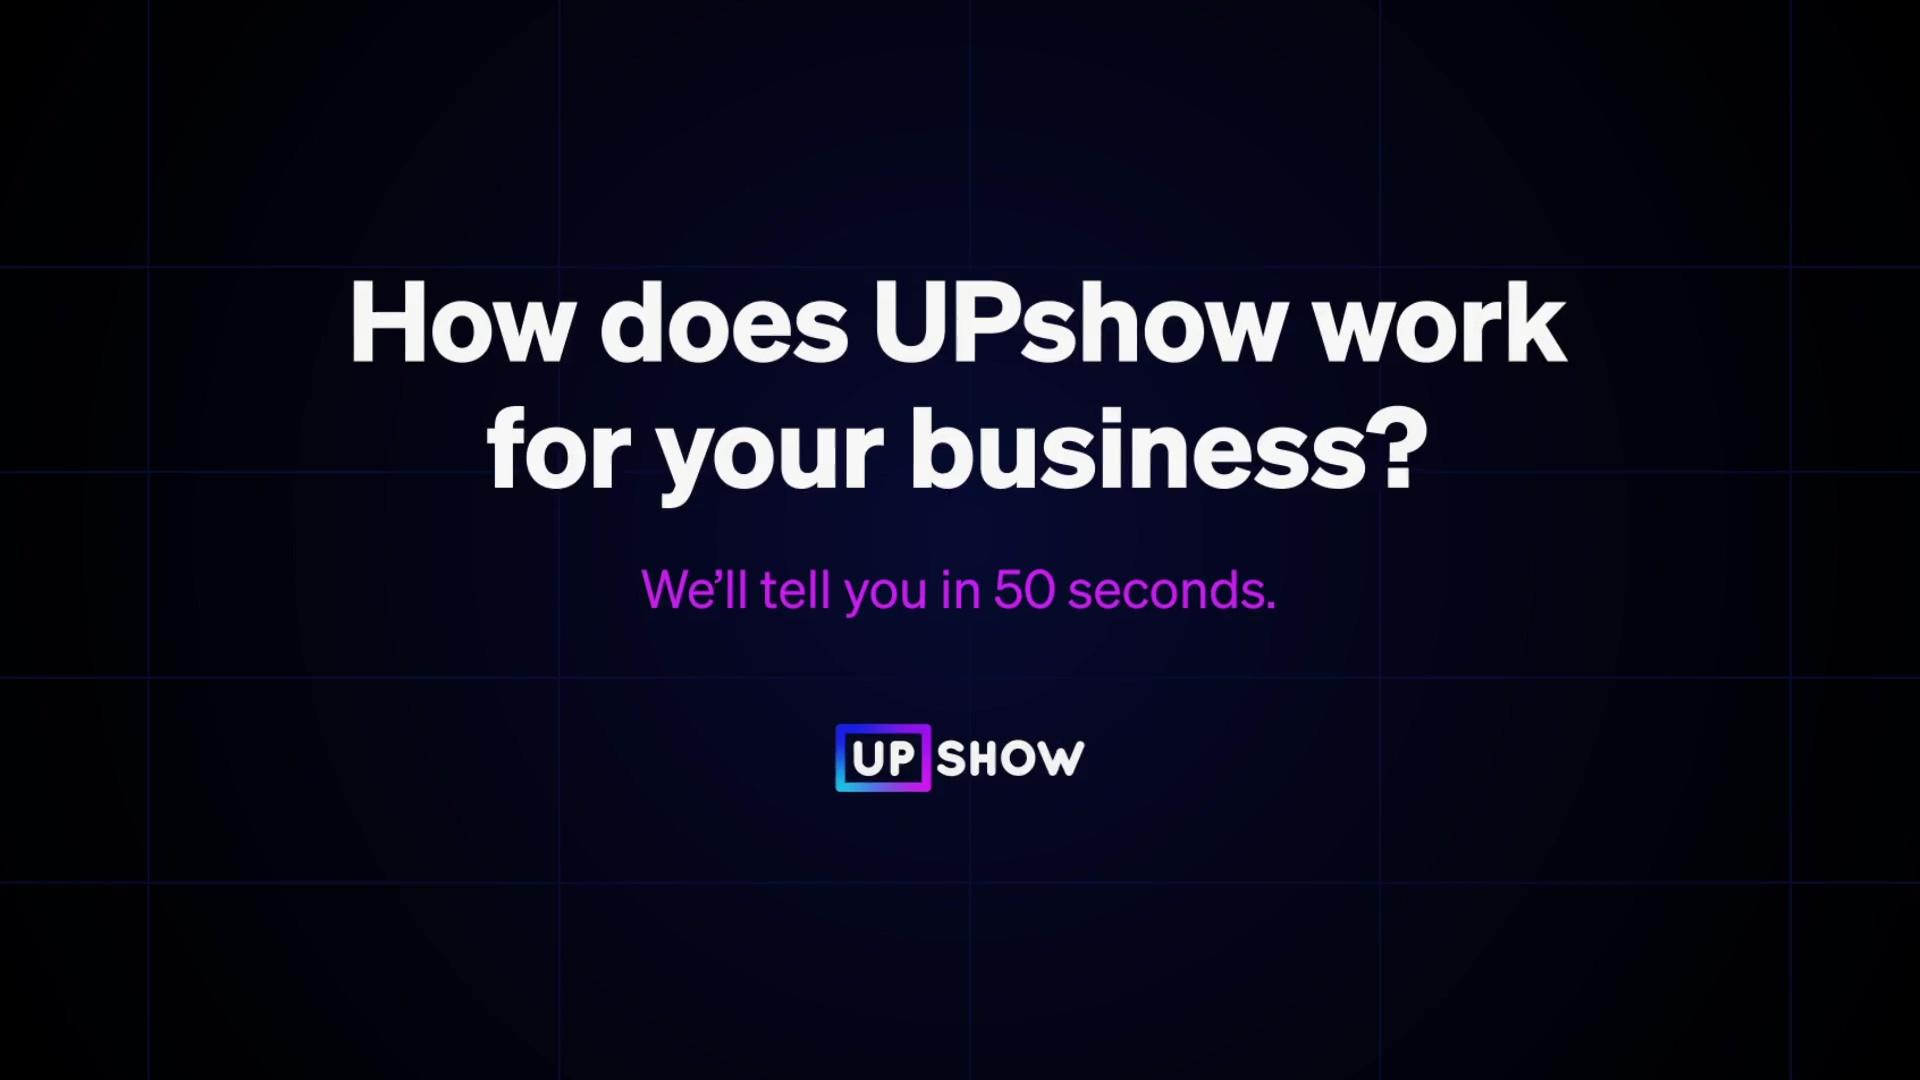 UPshow in 50 Seconds